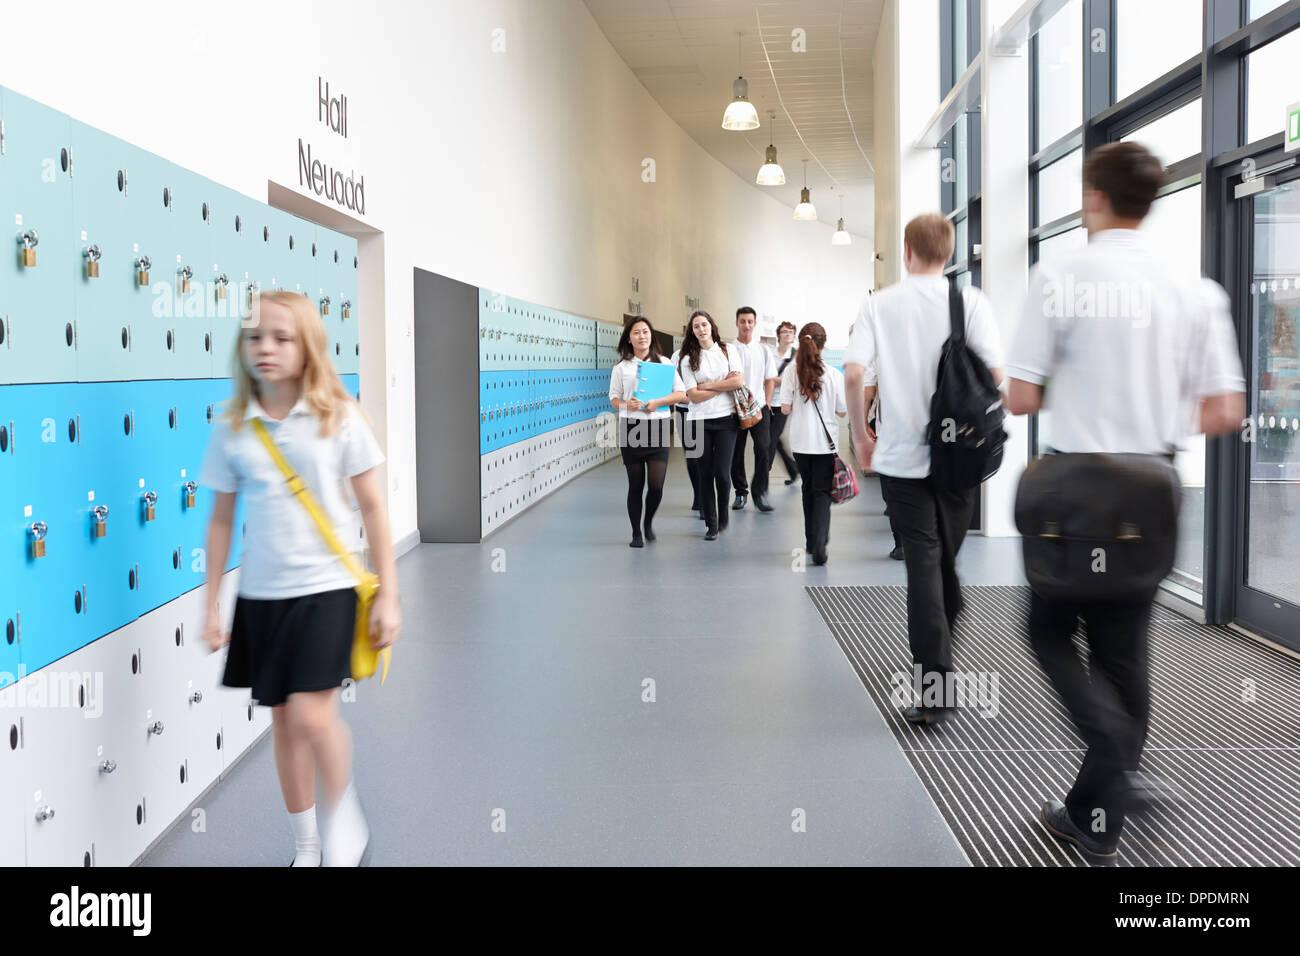 Unhappy schoolgirl walking in school corridor - Stock Image